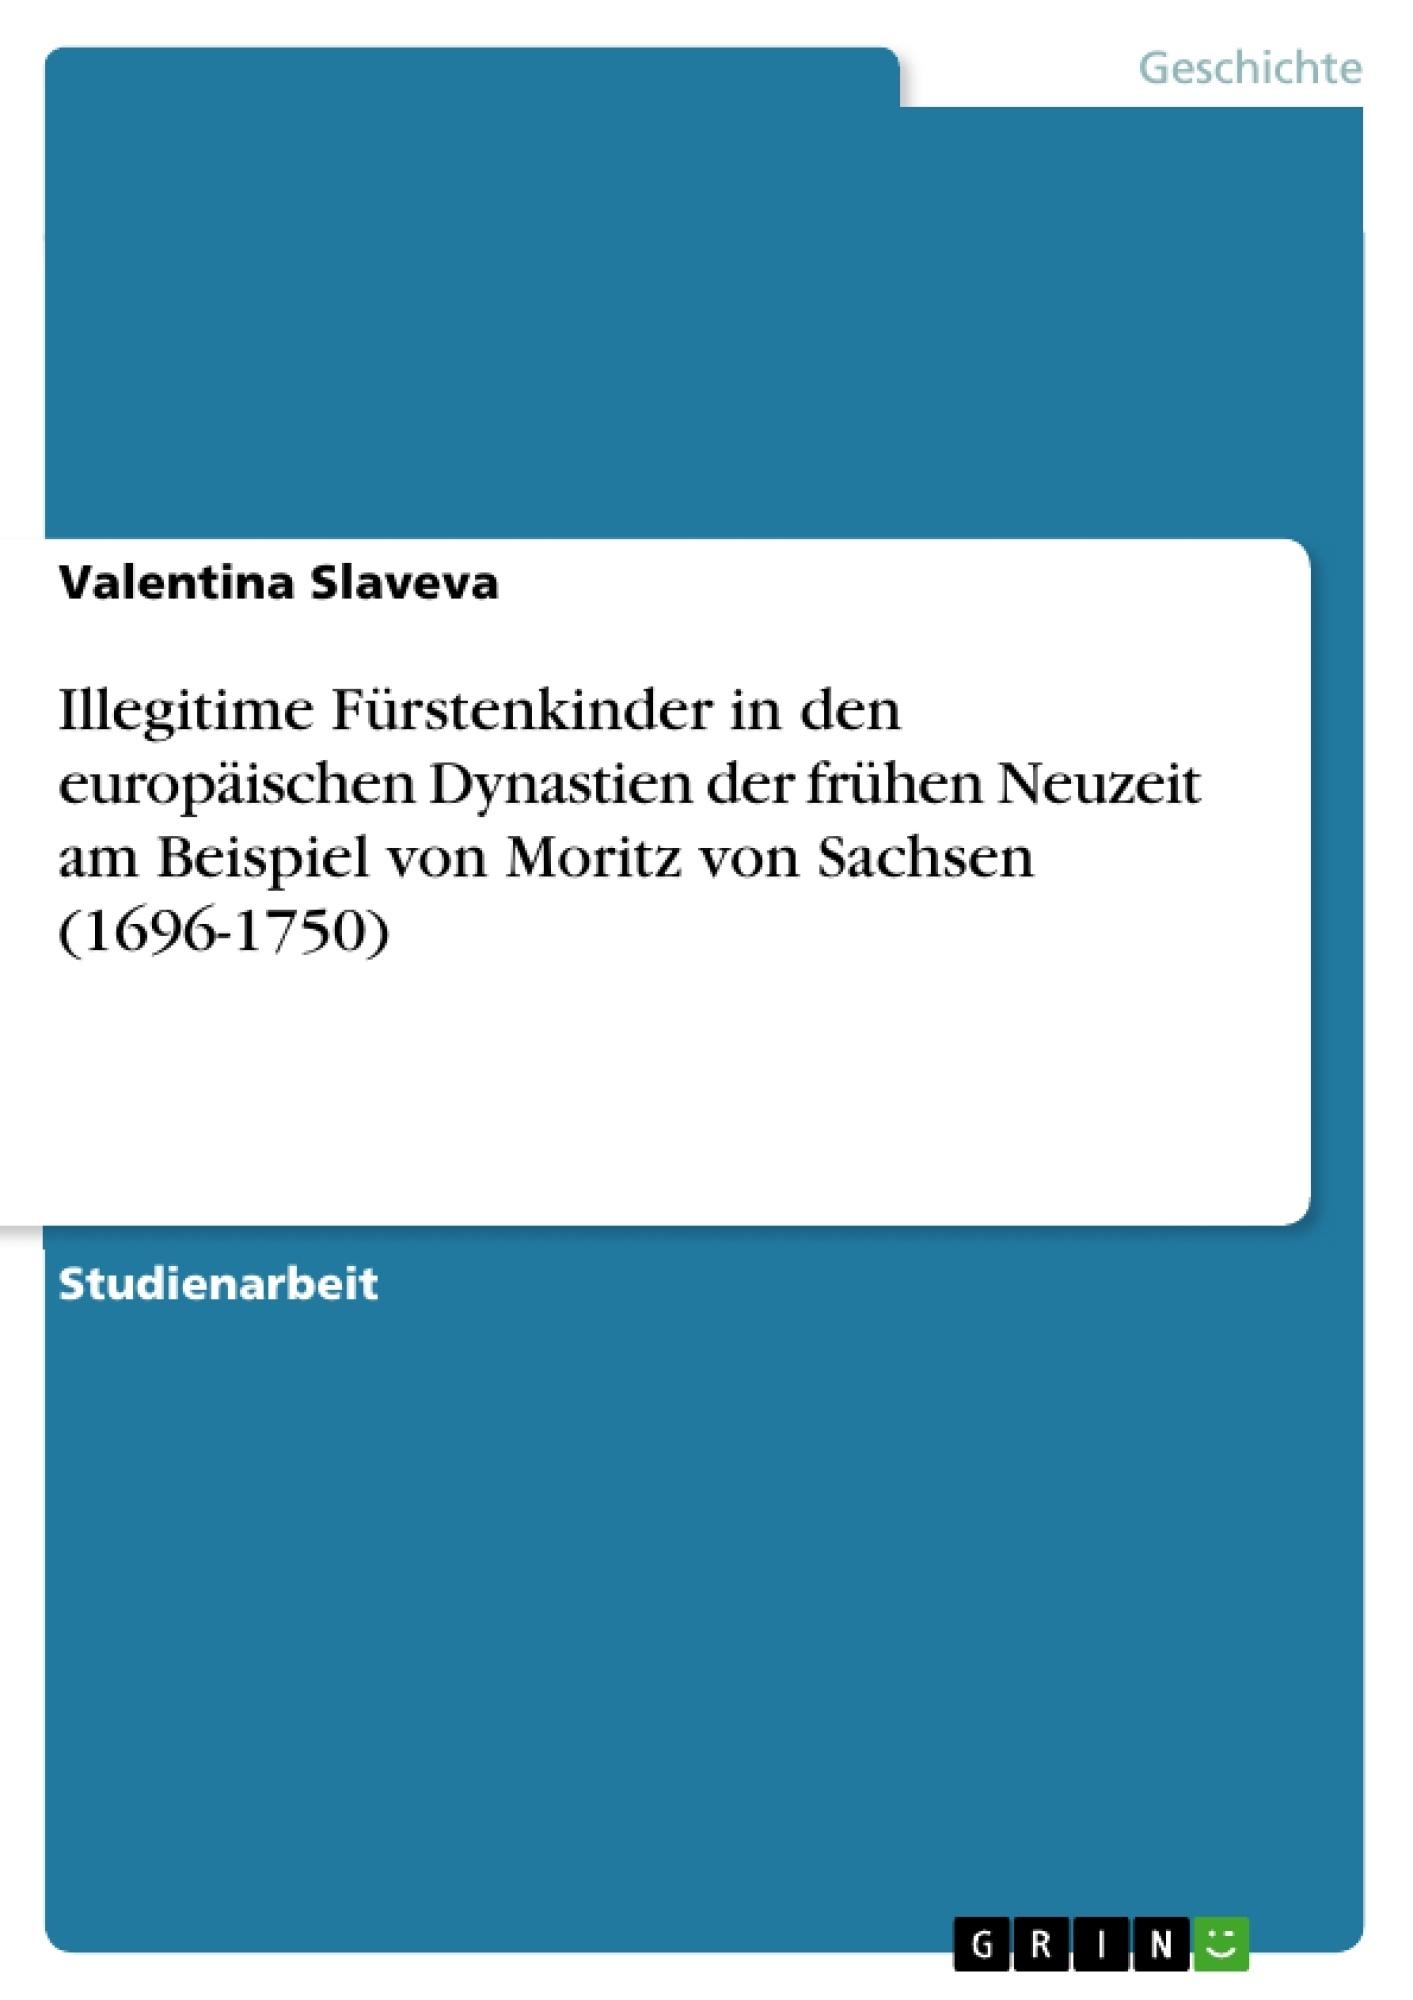 Titel: Illegitime Fürstenkinder in den europäischen  Dynastien der frühen Neuzeit am Beispiel von Moritz von Sachsen (1696-1750)